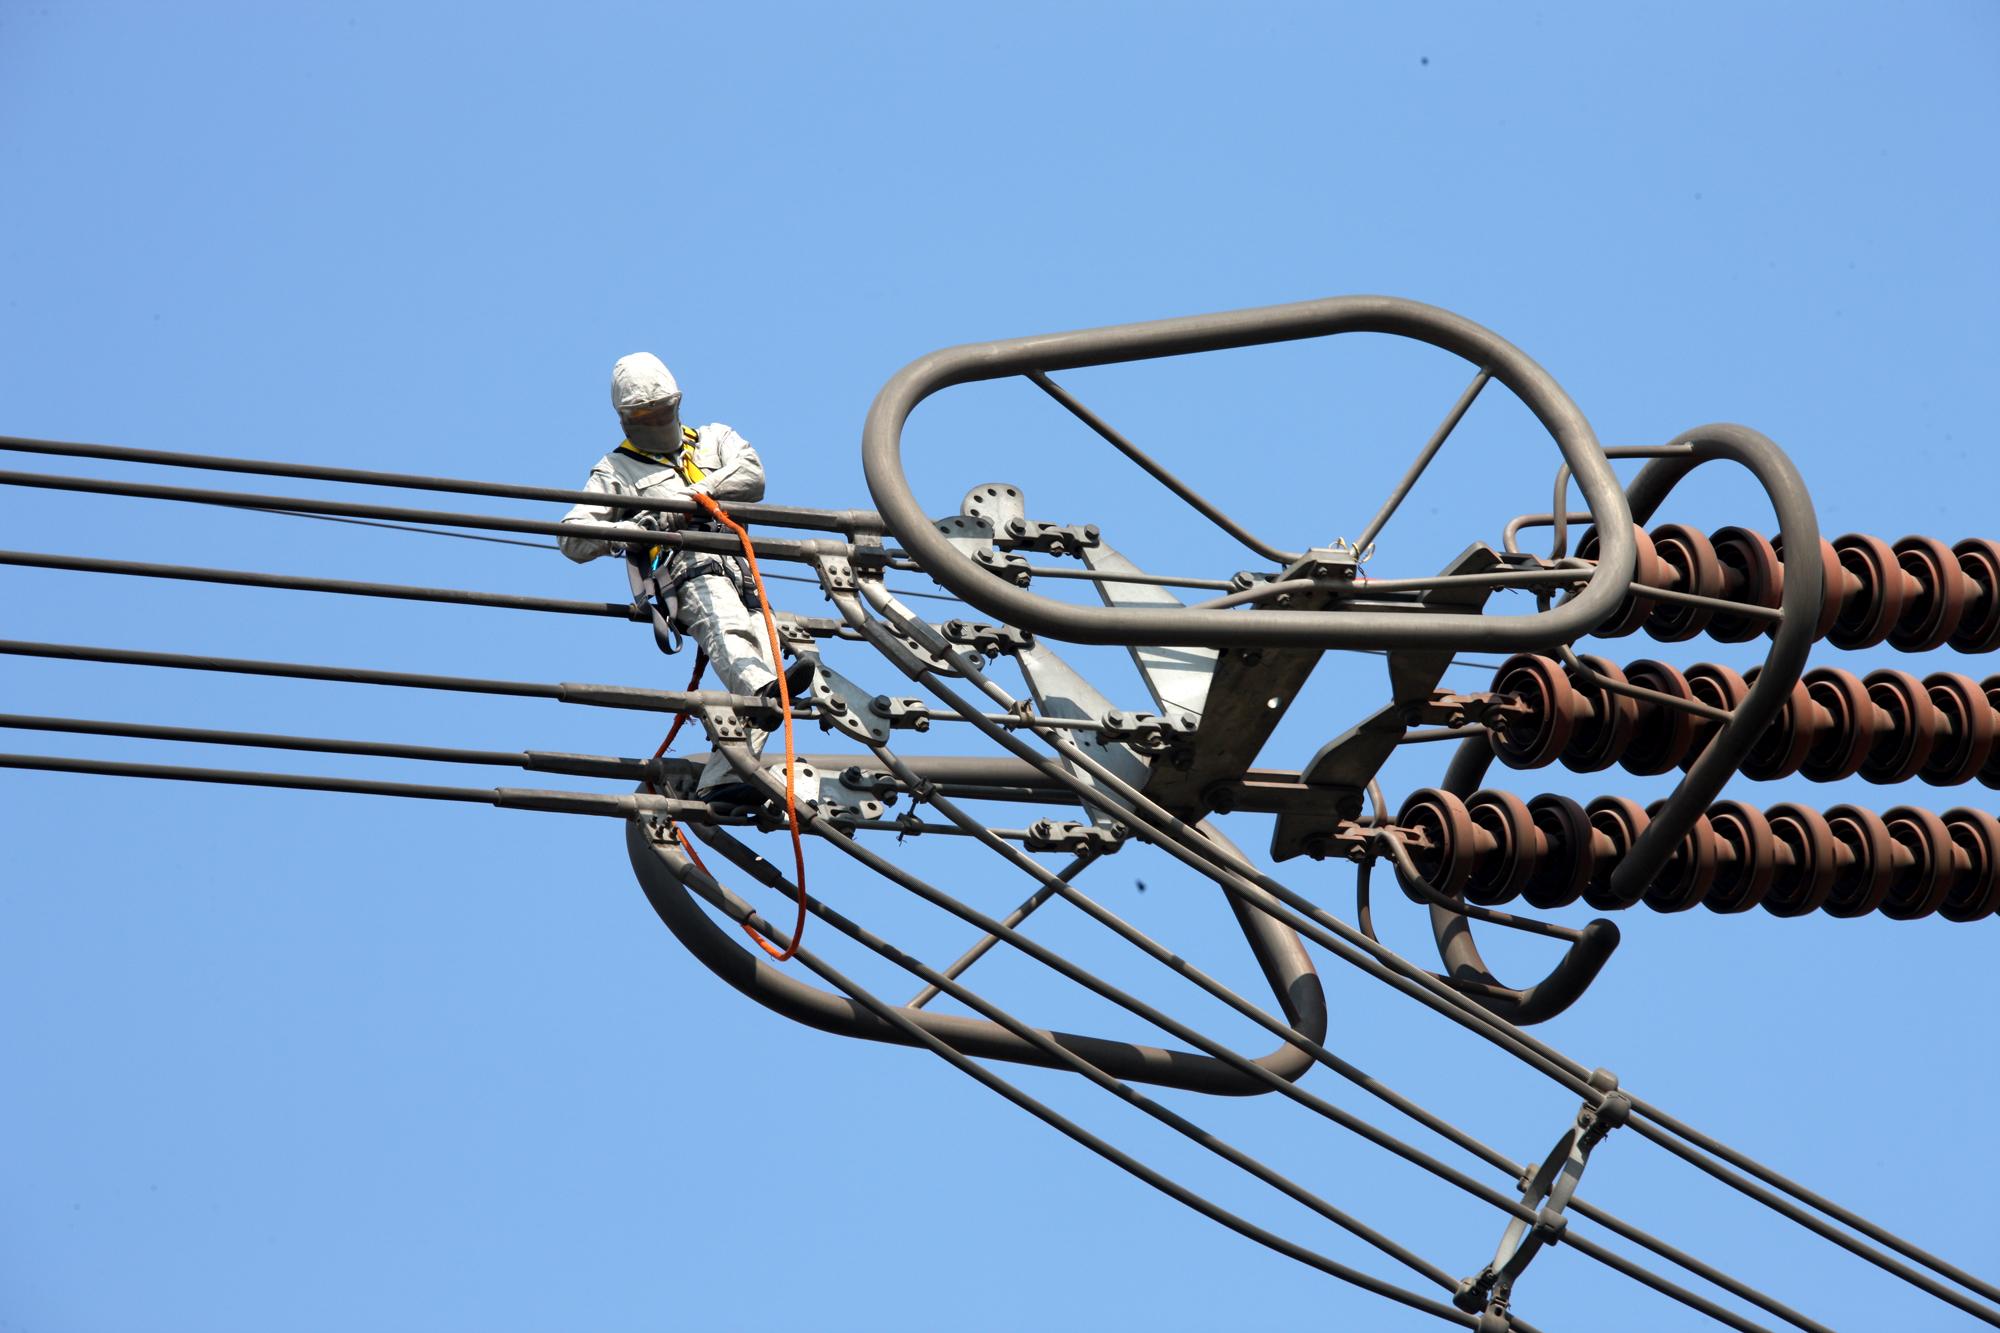 2月4日,国网河南检修公司组织人员对位于焦作市武陟县境内的±800千伏天中特高压直流输电线路4031号塔进行带电消缺,确保线路度冬期间可靠运行。此次作业也是河南省首次在特高压直流输电线路上开展带电作业,具有里程碑意义。 据了解,2014年,河南省跨区跨省购入电量258.